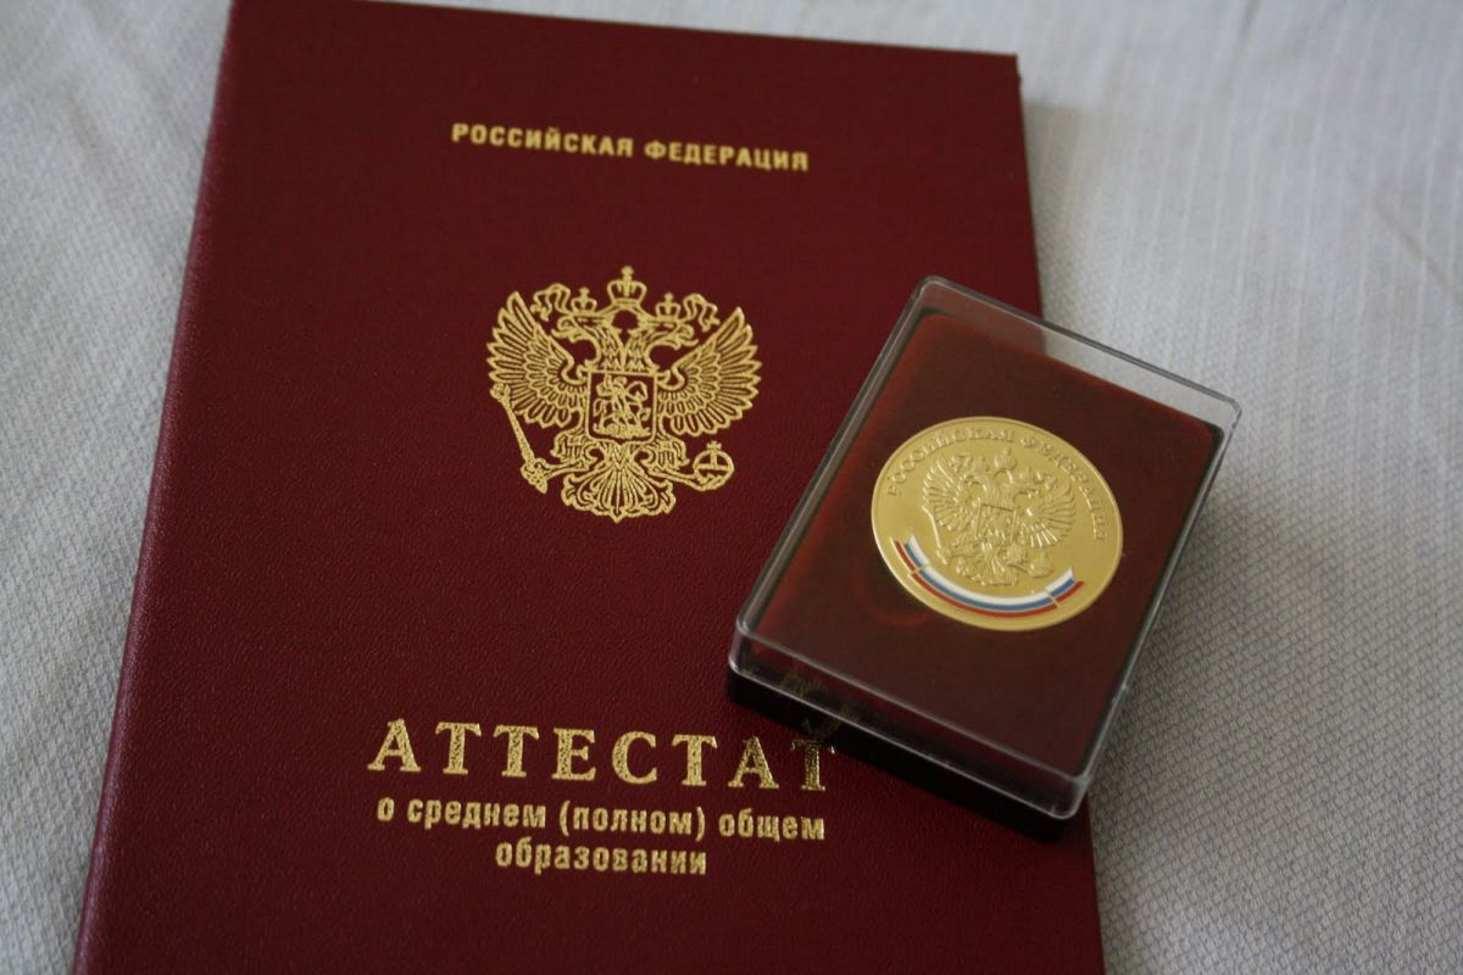 skolko-ballov-na-ege-nado-nabrat-chtoby-poluchit-shkolnuyu-medal